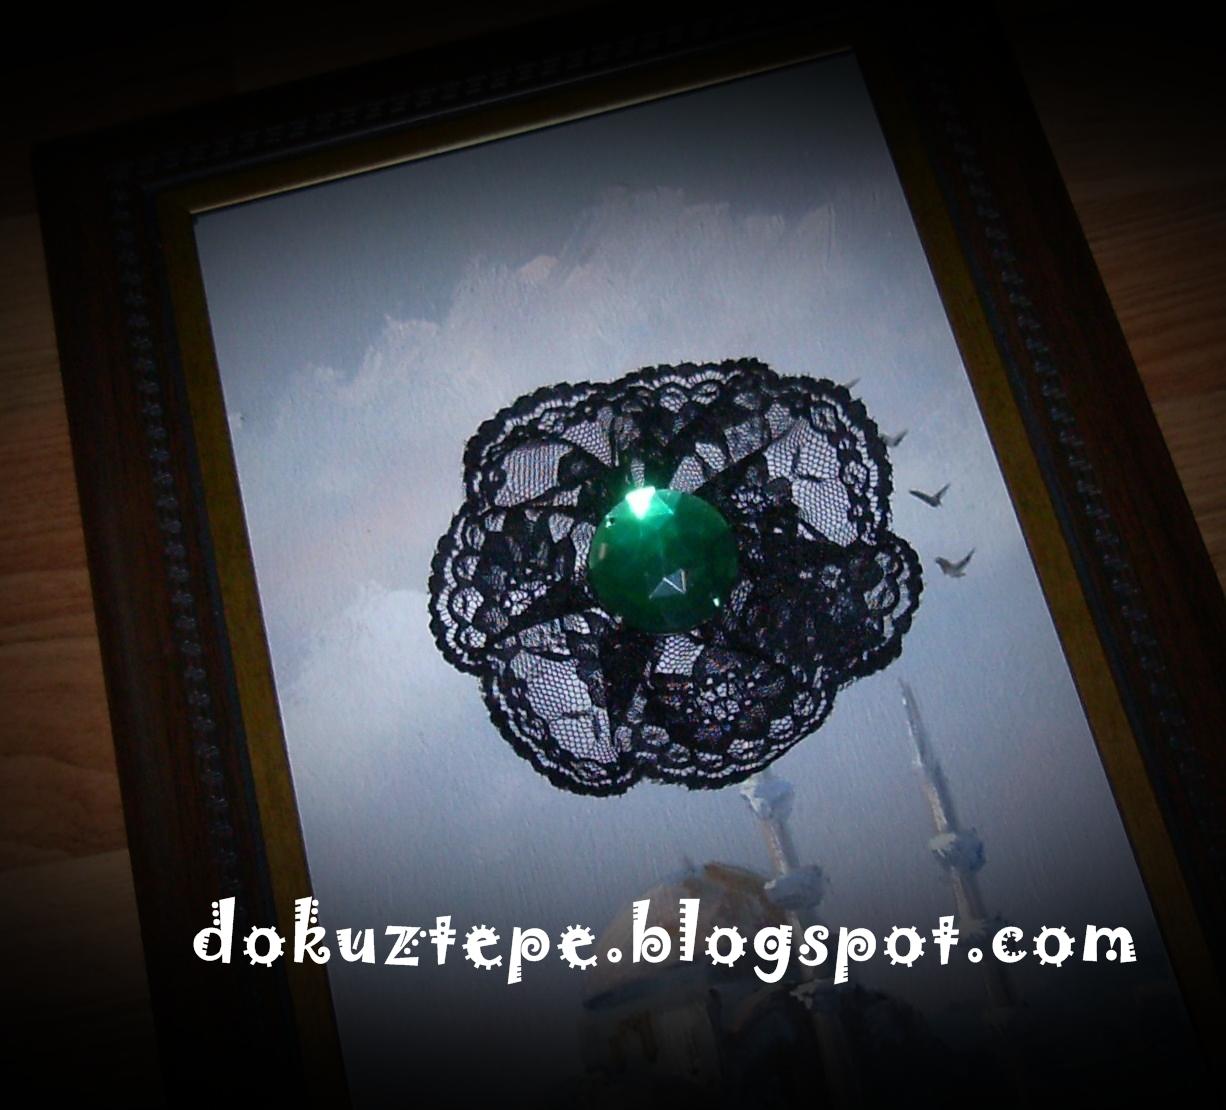 http://3.bp.blogspot.com/_1V3coscdRoY/TUXITgKbV-I/AAAAAAAAA3w/ZoBaOD1Nx2Y/s1600/SANY4502.JPG